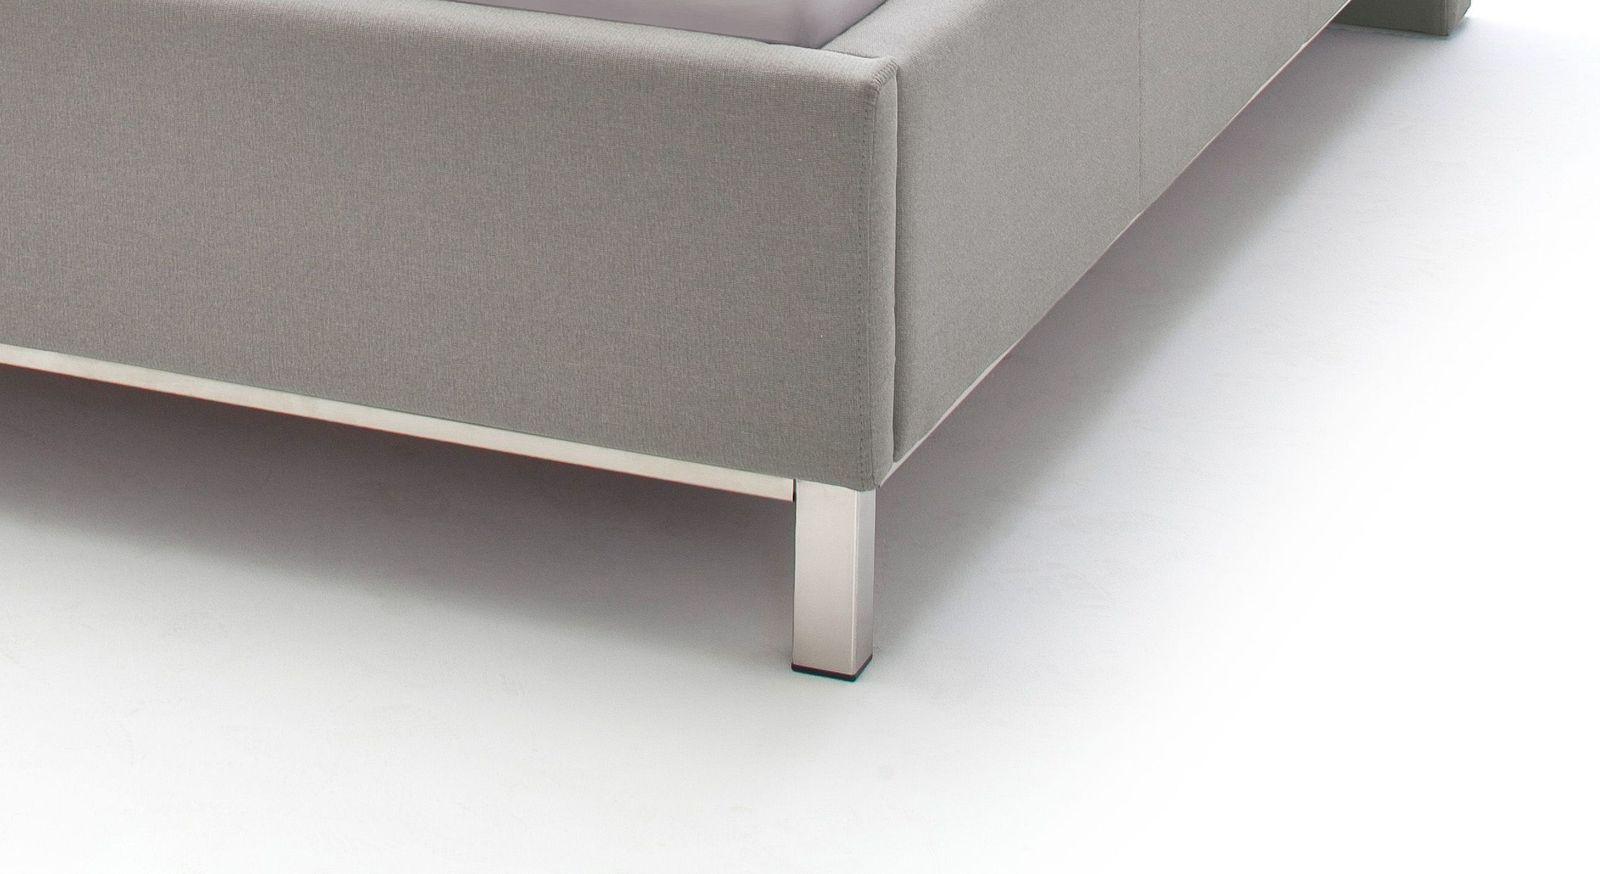 Bett Tranquilo mit modernen Chrom-Füßen